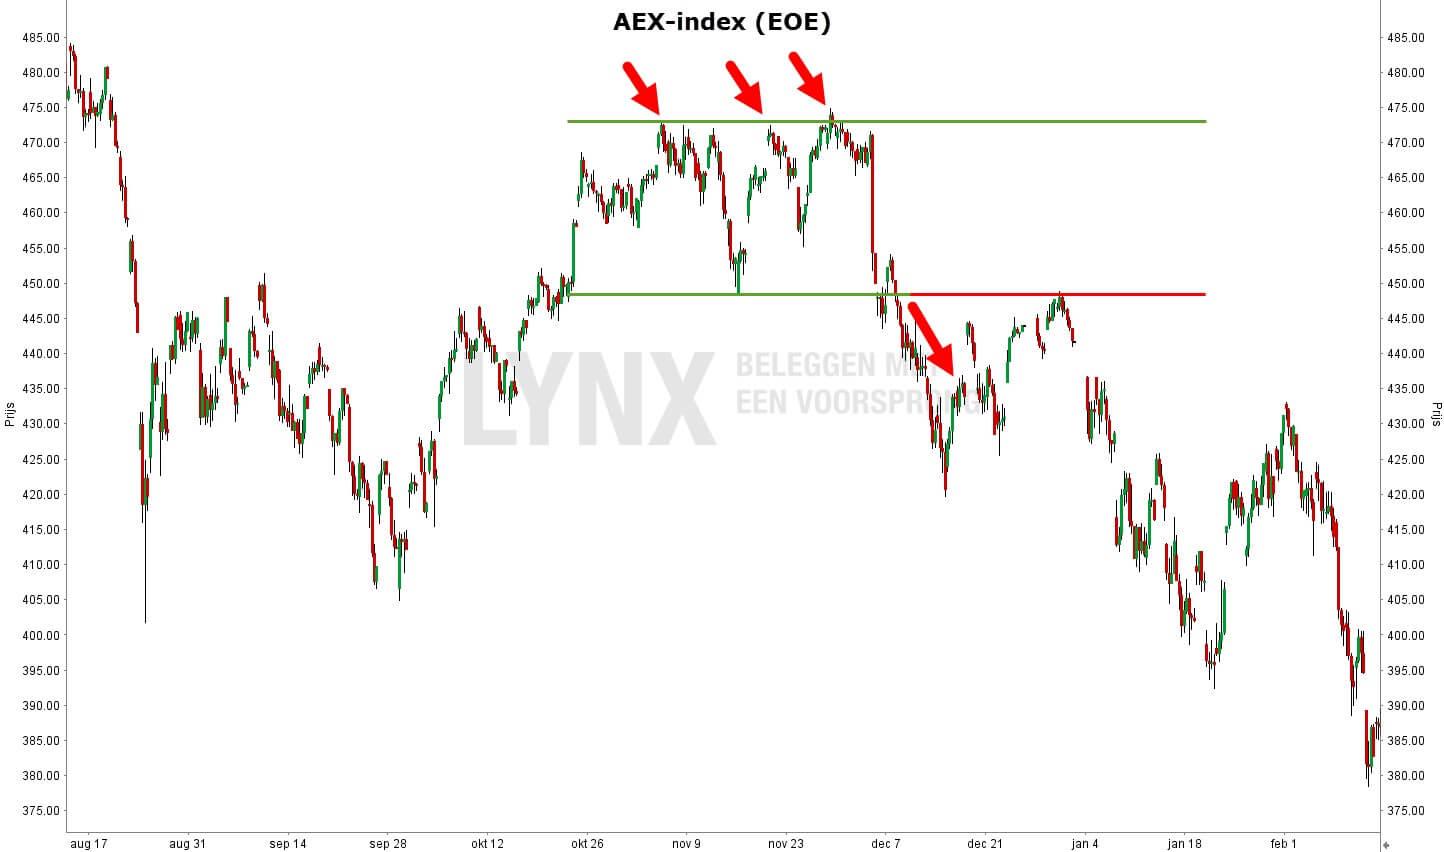 technische analyse - dubbele top - AEX index